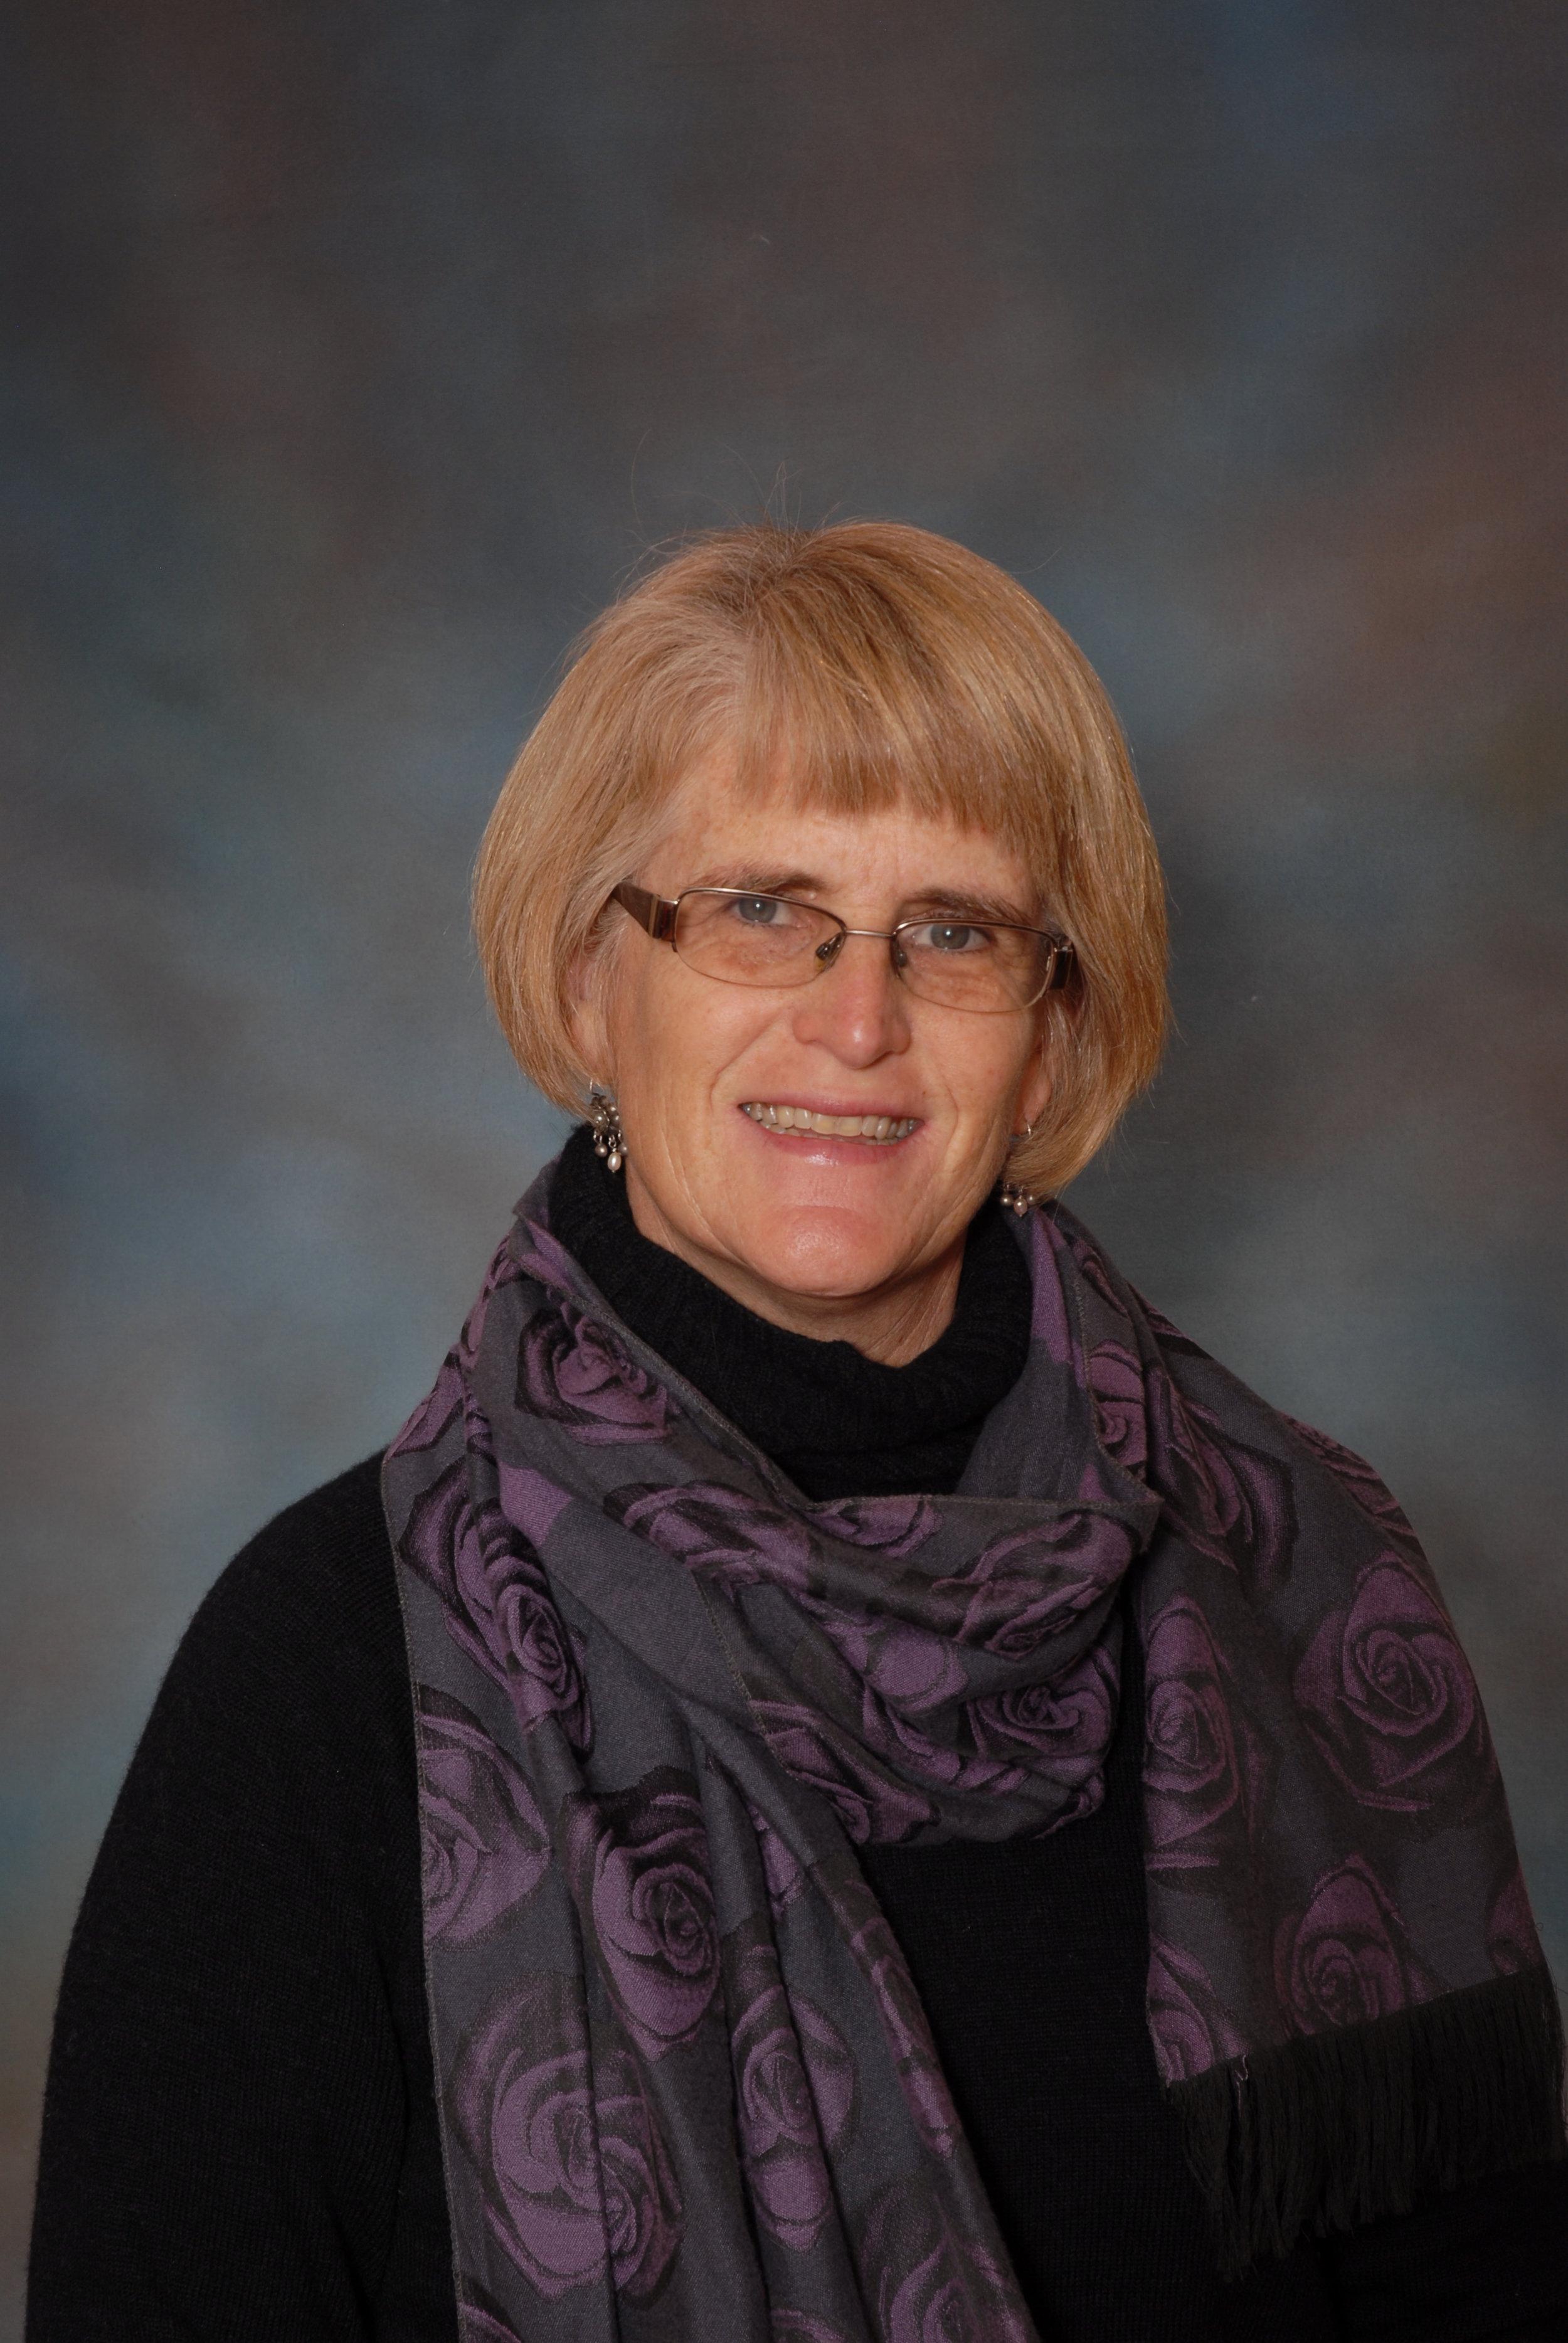 Dr. Emily Butler, DVM - Director of School Administration